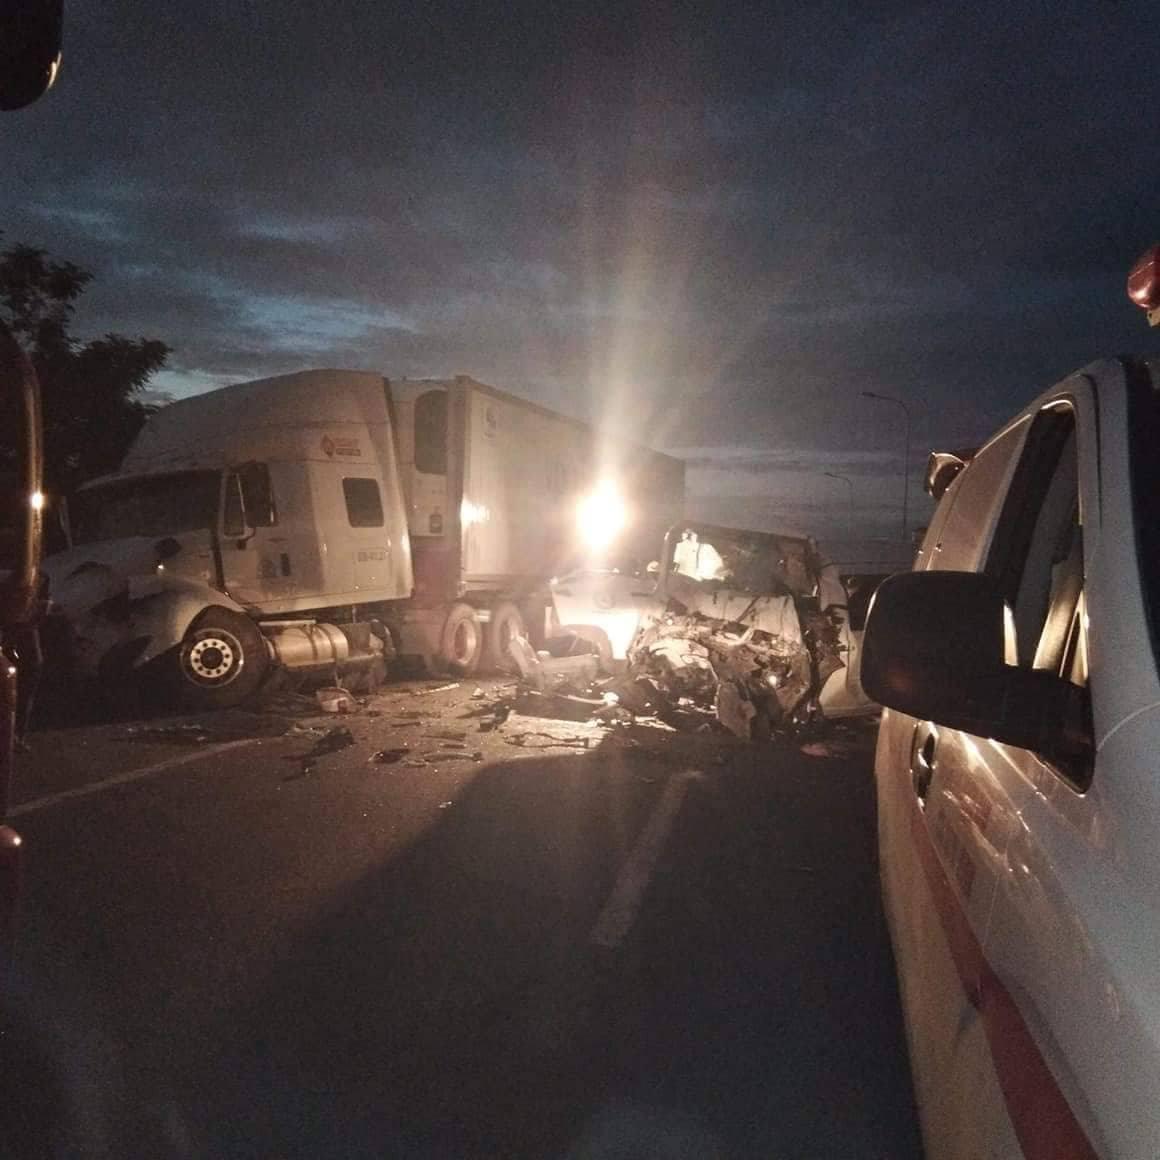 """Vụ tai nạn 13 người chết ở Quảng Nam: Chiếc xe """"oan nghiệt"""" không đăng ký kinh doanh dịch vụ - Ảnh 1"""